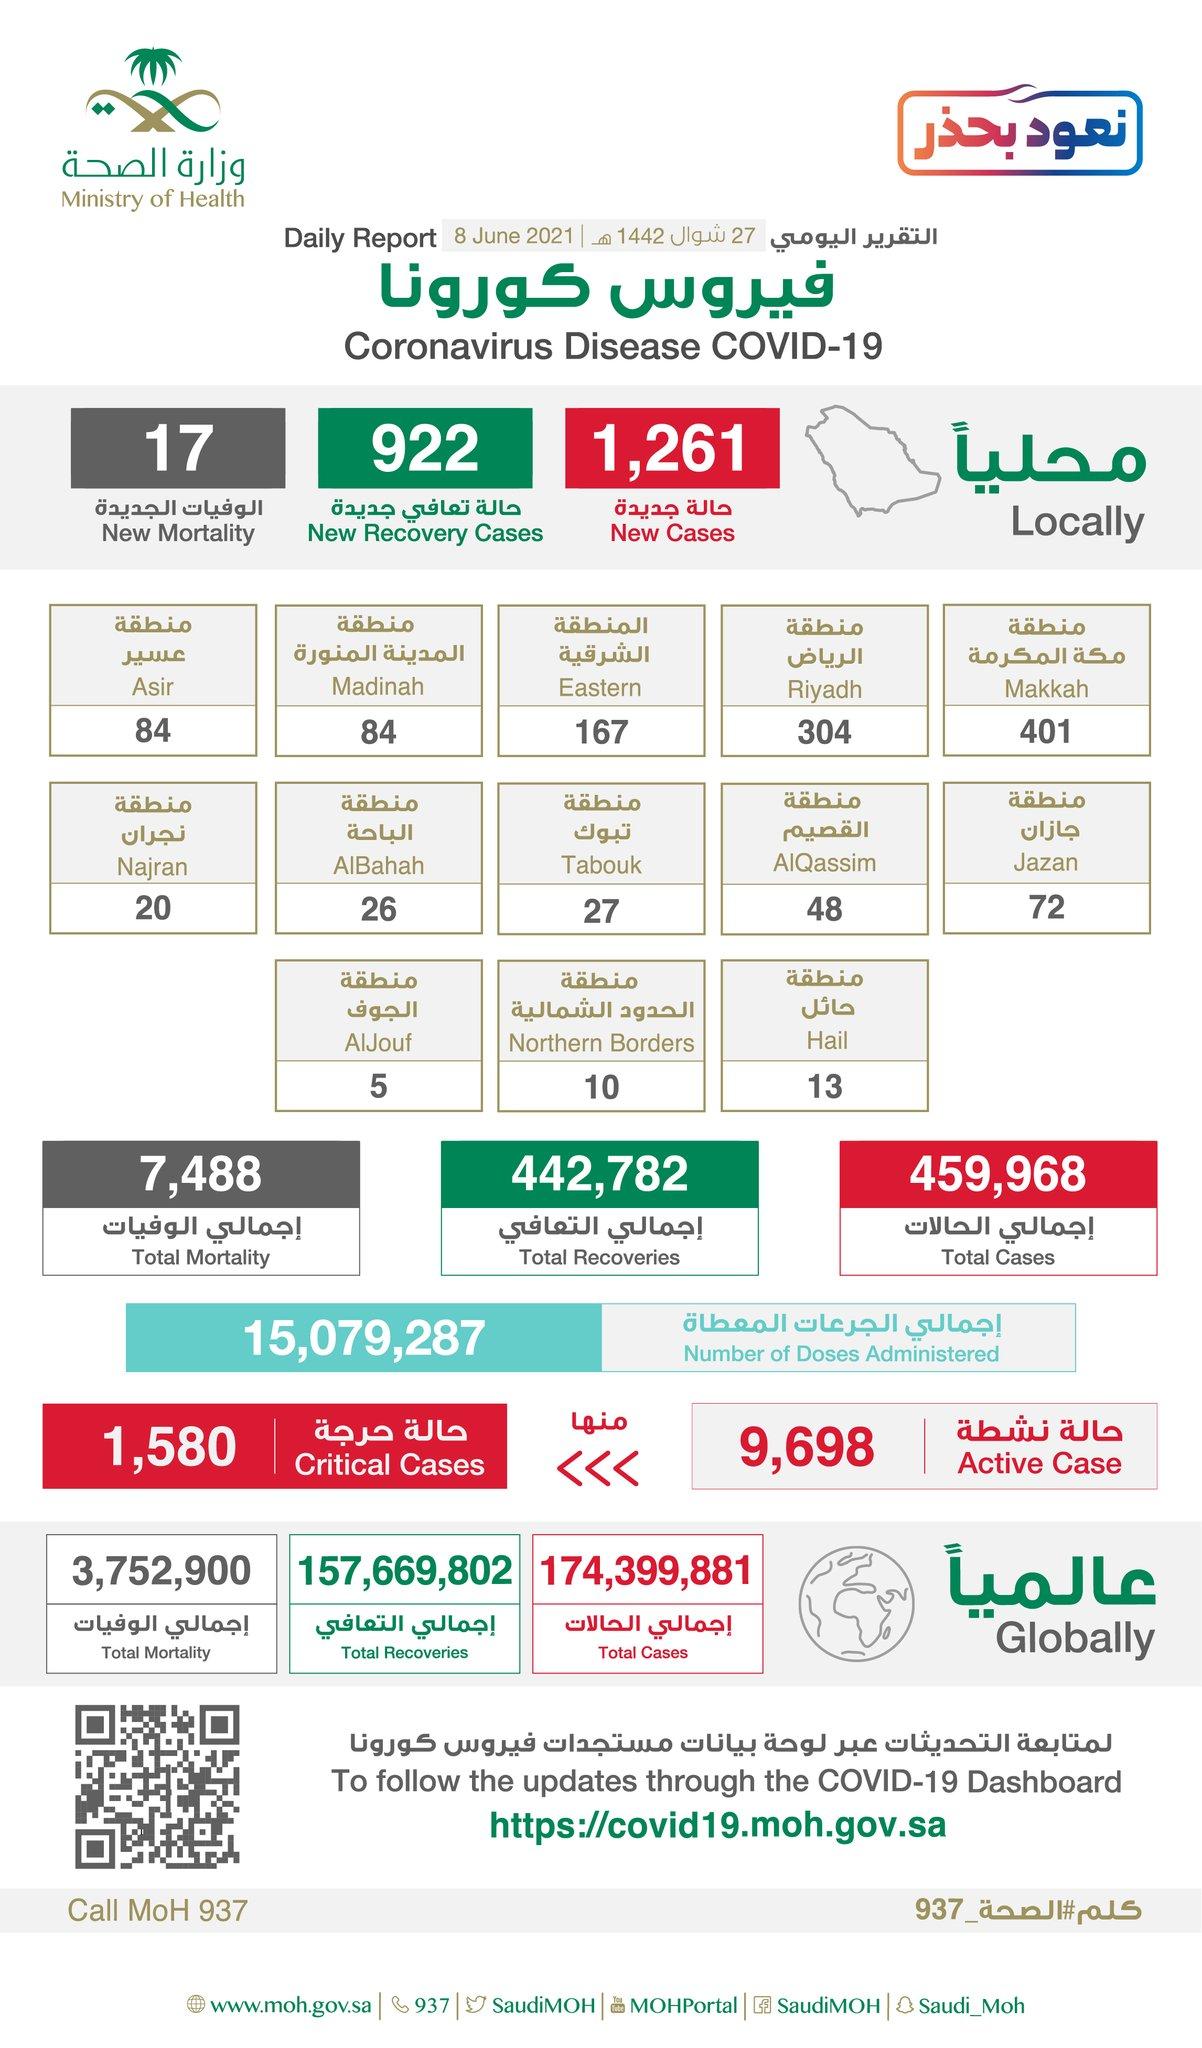 沙特新增新冠肺炎确诊病例1261例 累计确诊459968例